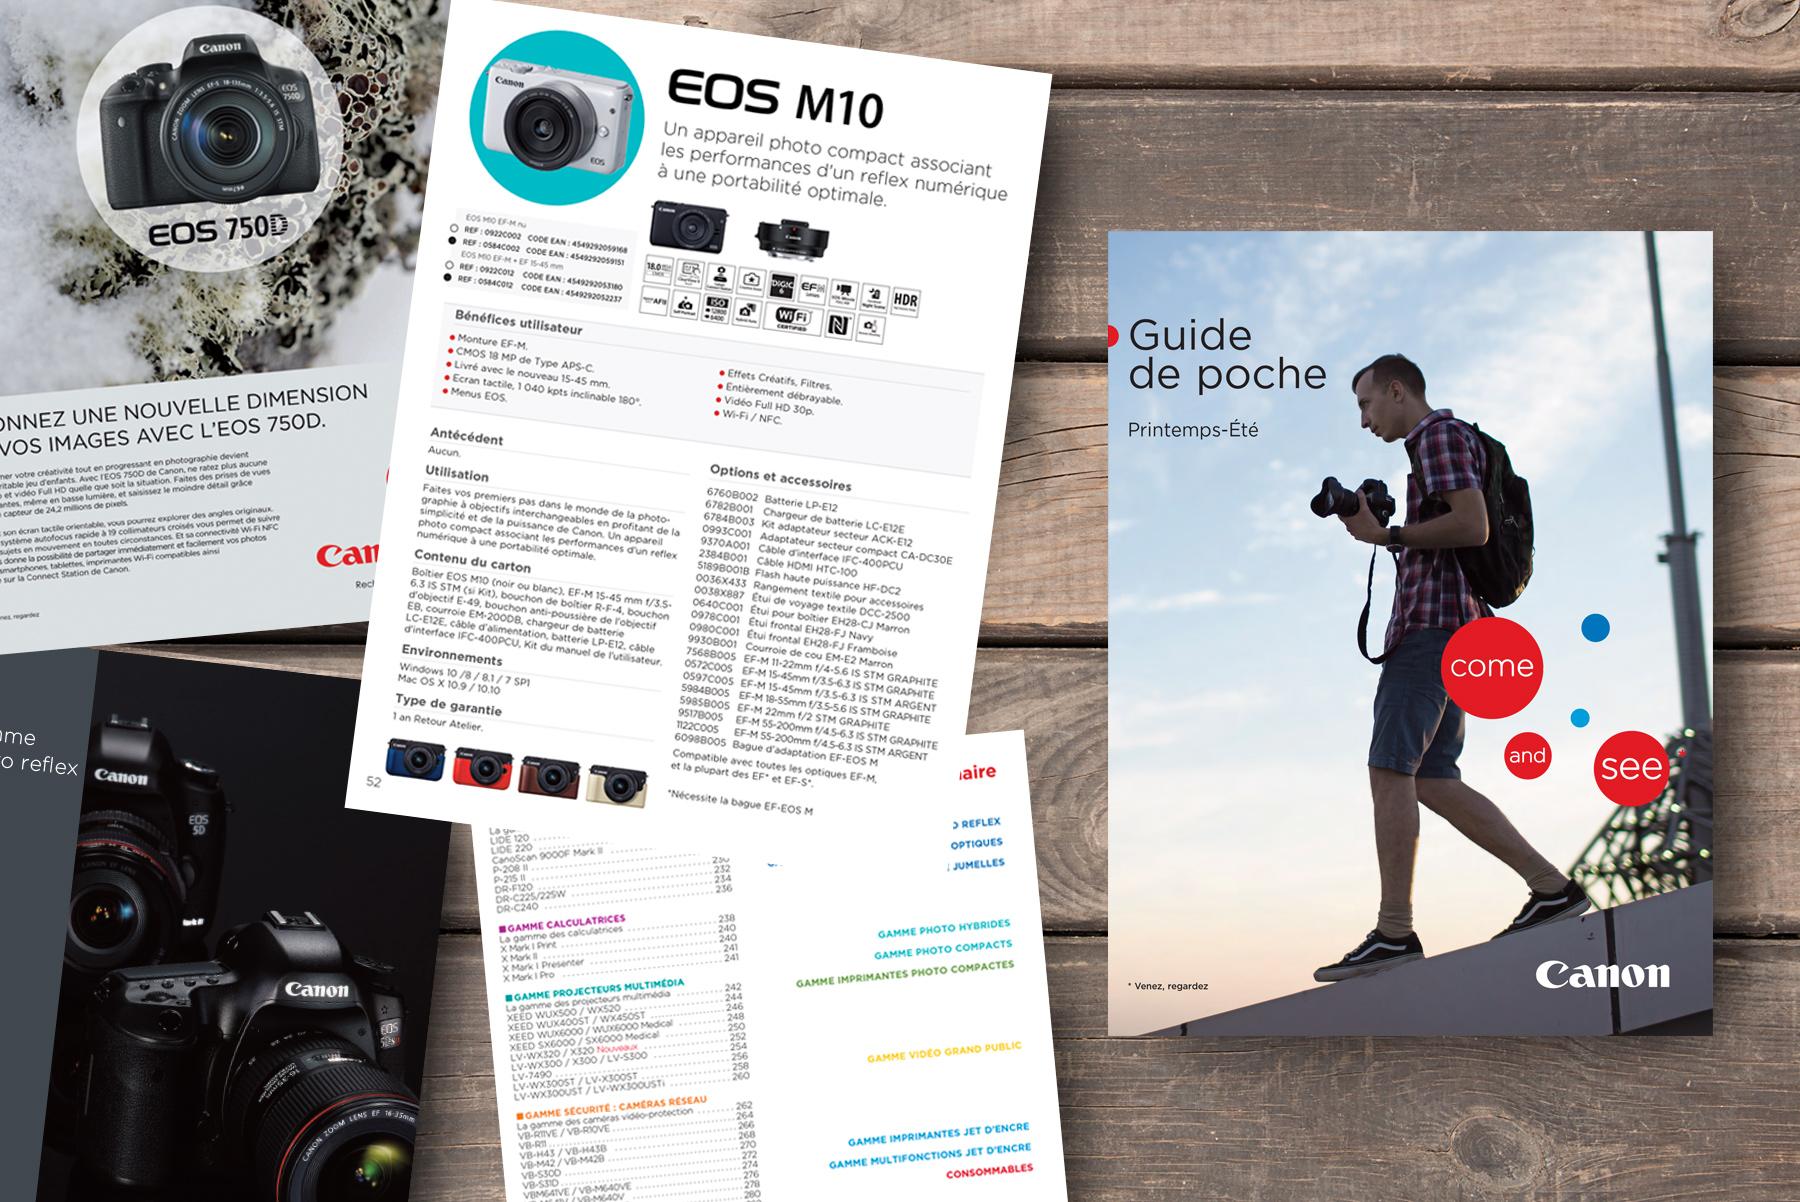 canon-guide-de-poche-brochure-print-agence-communication-et-création-graphique-quelque-chose-en-plus